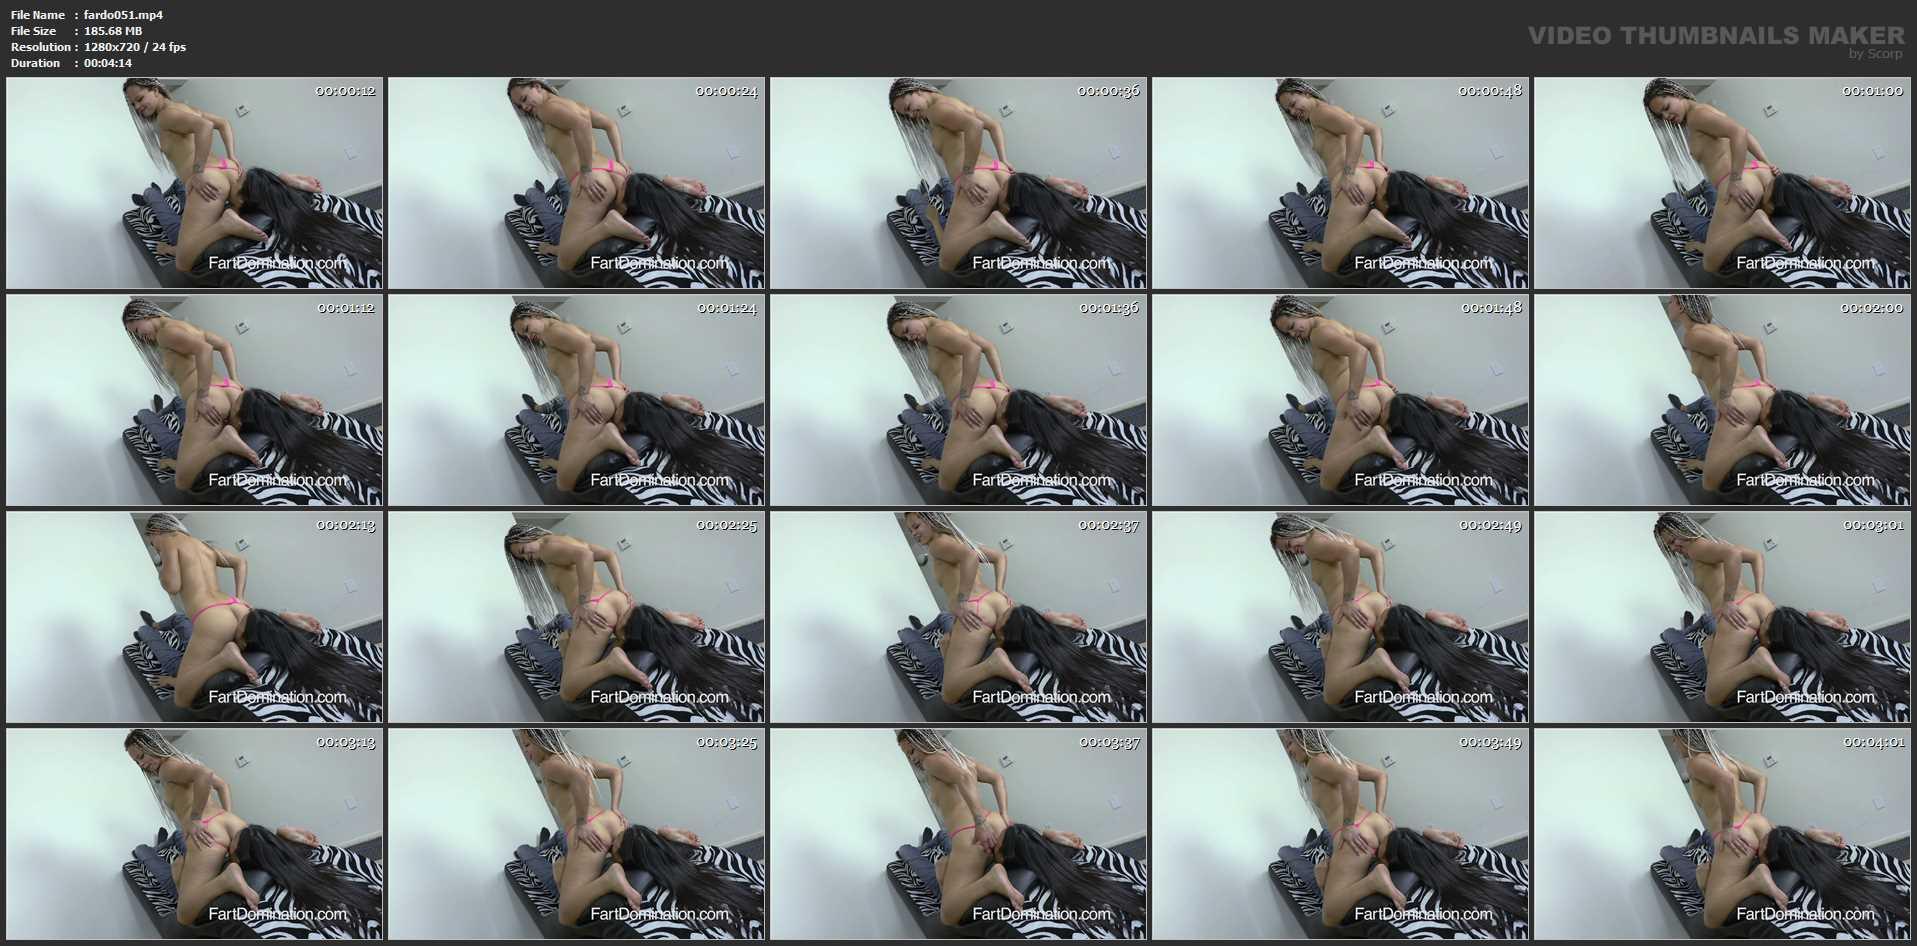 [FARTDOM] Ashley Luvbug 34 [HD][720p][MP4]